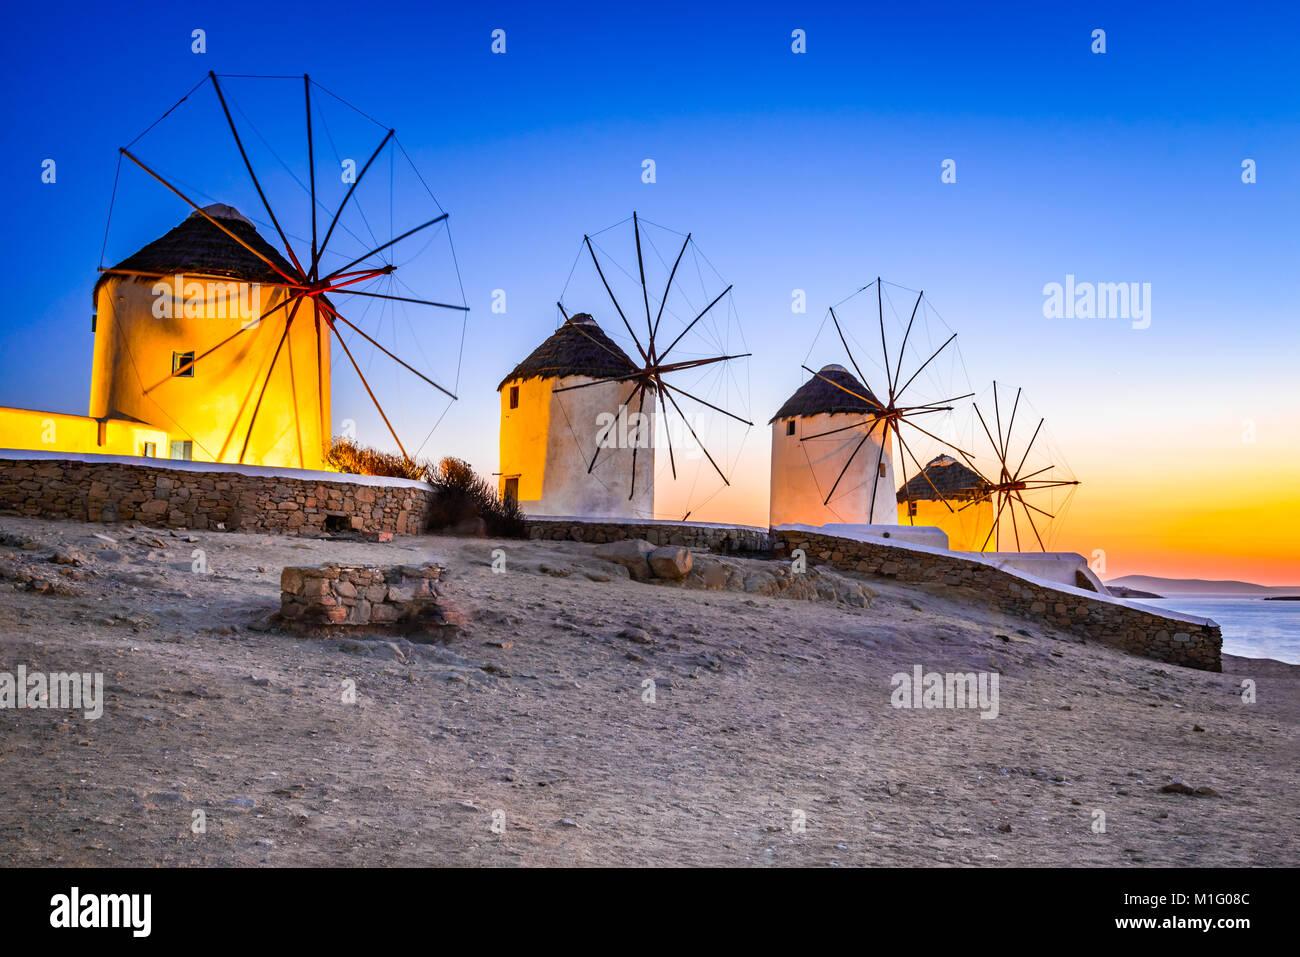 Mykonos, Griechenland. Kato Mili sind ikonisch Mühle von der griechischen Insel Mikonos, Kykladen Inseln. Stockbild